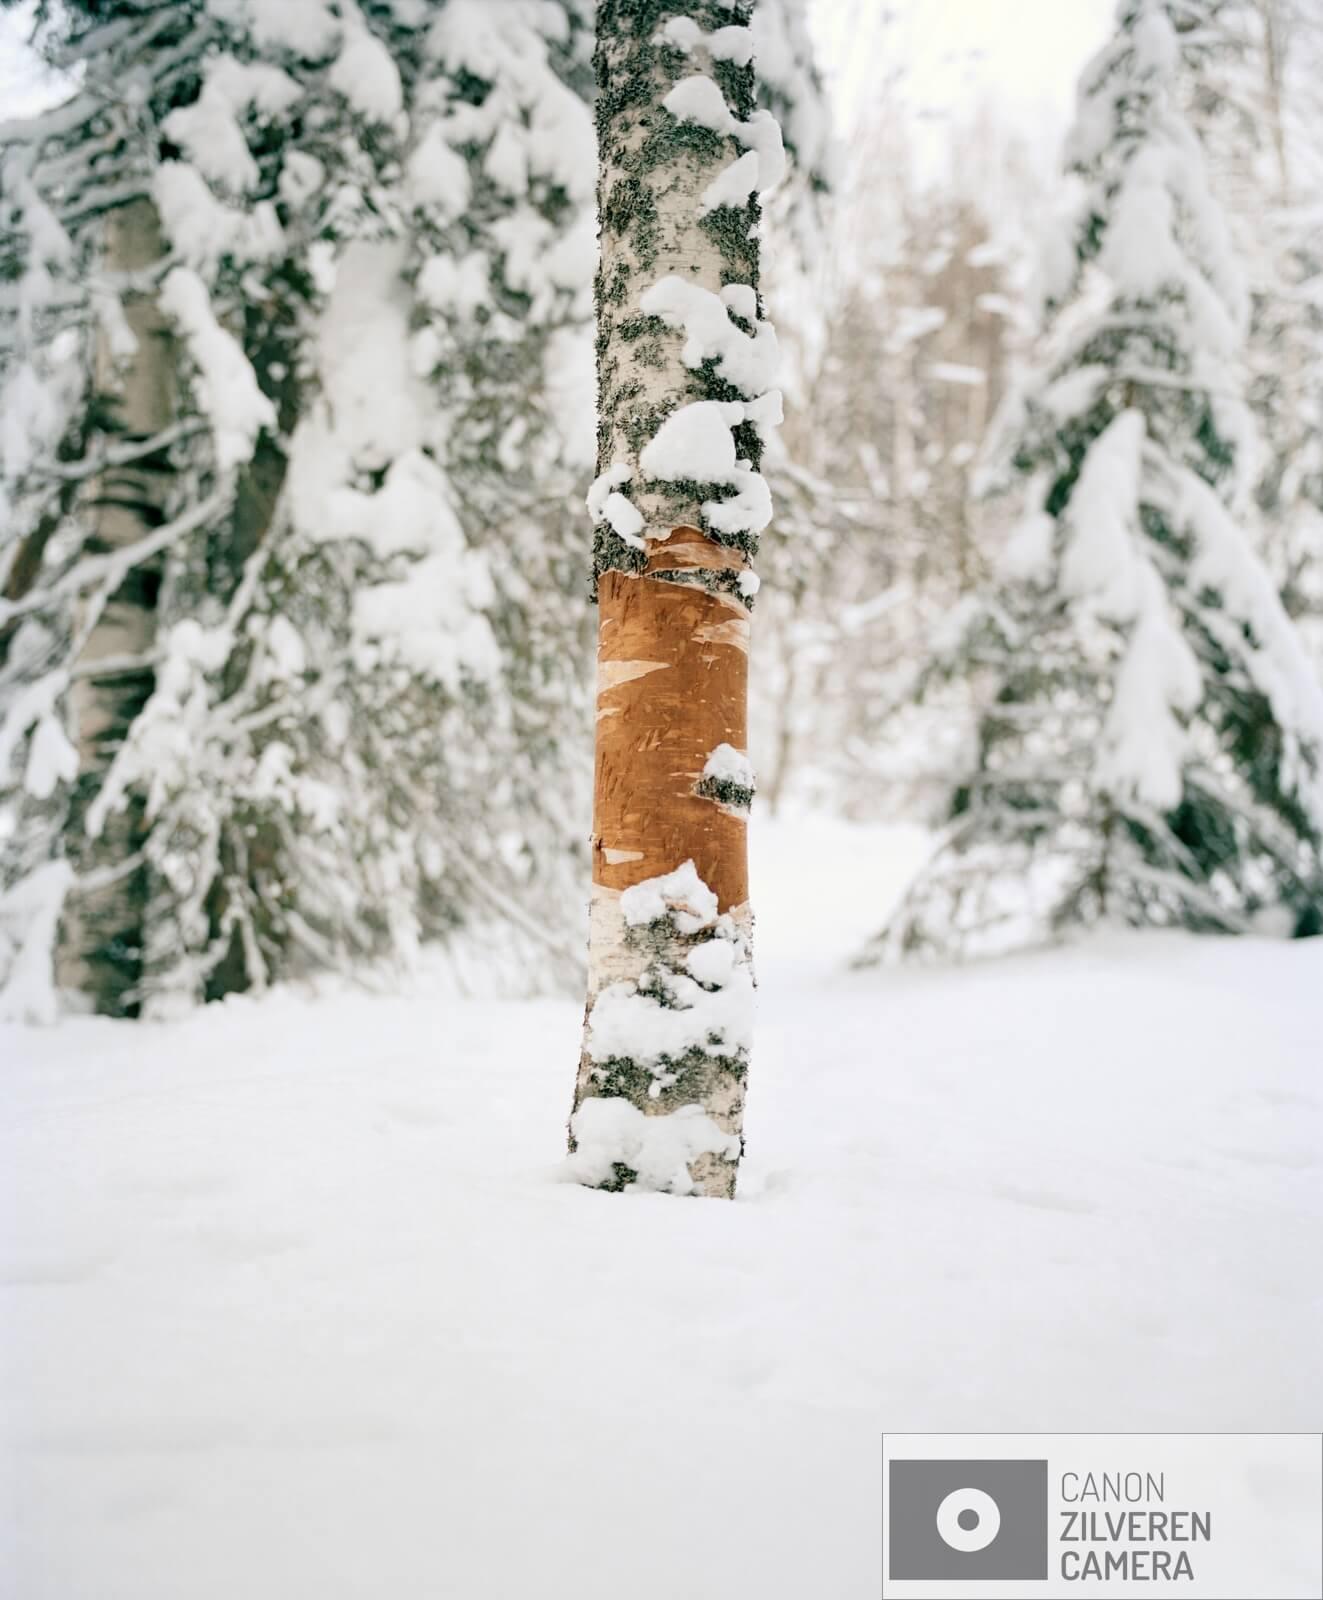 02/12  Borealis / Berdyshikha, Rusland, maart 2018  Het boreale woud is de grootste vegetatiezone op aarde en beslaat zo'n 29 procent van het totale bosgebied. Met een oppervlakte van negen miljoen vierkante kilometer is het flink groter dan het Amazone -regenwoud. Met name in Rusland is sinds de val van het communisme de ontbossing enorm toegenomen. Boreale bossen zetten op grote schaal koolstofdioxide om in zuurstof. Een gemiddelde boom produceert in honderd jaar genoeg zuurstof om een persoon twintig jaar van te laten ademen. Het tropisch regenwoud en het boreale woud vormen samen de longen van onze aarde. Toch is minder dan twaalf procent van deze bossen beschermd gebied. De bomenwereld is door de klimaatverwarming in verandering. Vooral in het hoge noorden zijn die veranderingen merkbaar. Zo kwam de temperatuur vorig jaar in delen van arctisch Rusland 6 á 7 graden boven het gemiddelde.  Gennady Tugushin woont in het dorp Berdyshykha diep verscholen in het eindeloze Russische boreale woud. Het dorp is leeggelopen, zoals vele dorpen in Rusland, alleen Gennady woont er nog samen met zijn vrouw. Gennady heeft zijn hele leven voor het lokale houtbedrijf gewerkt. Ze leveren hout aan een van de grootste papierfabrieken van Europa. Gennady is gepensioneerd maar werkt nog steeds voor het bedrijf om zijn magere pensioen wat aan te vullen.